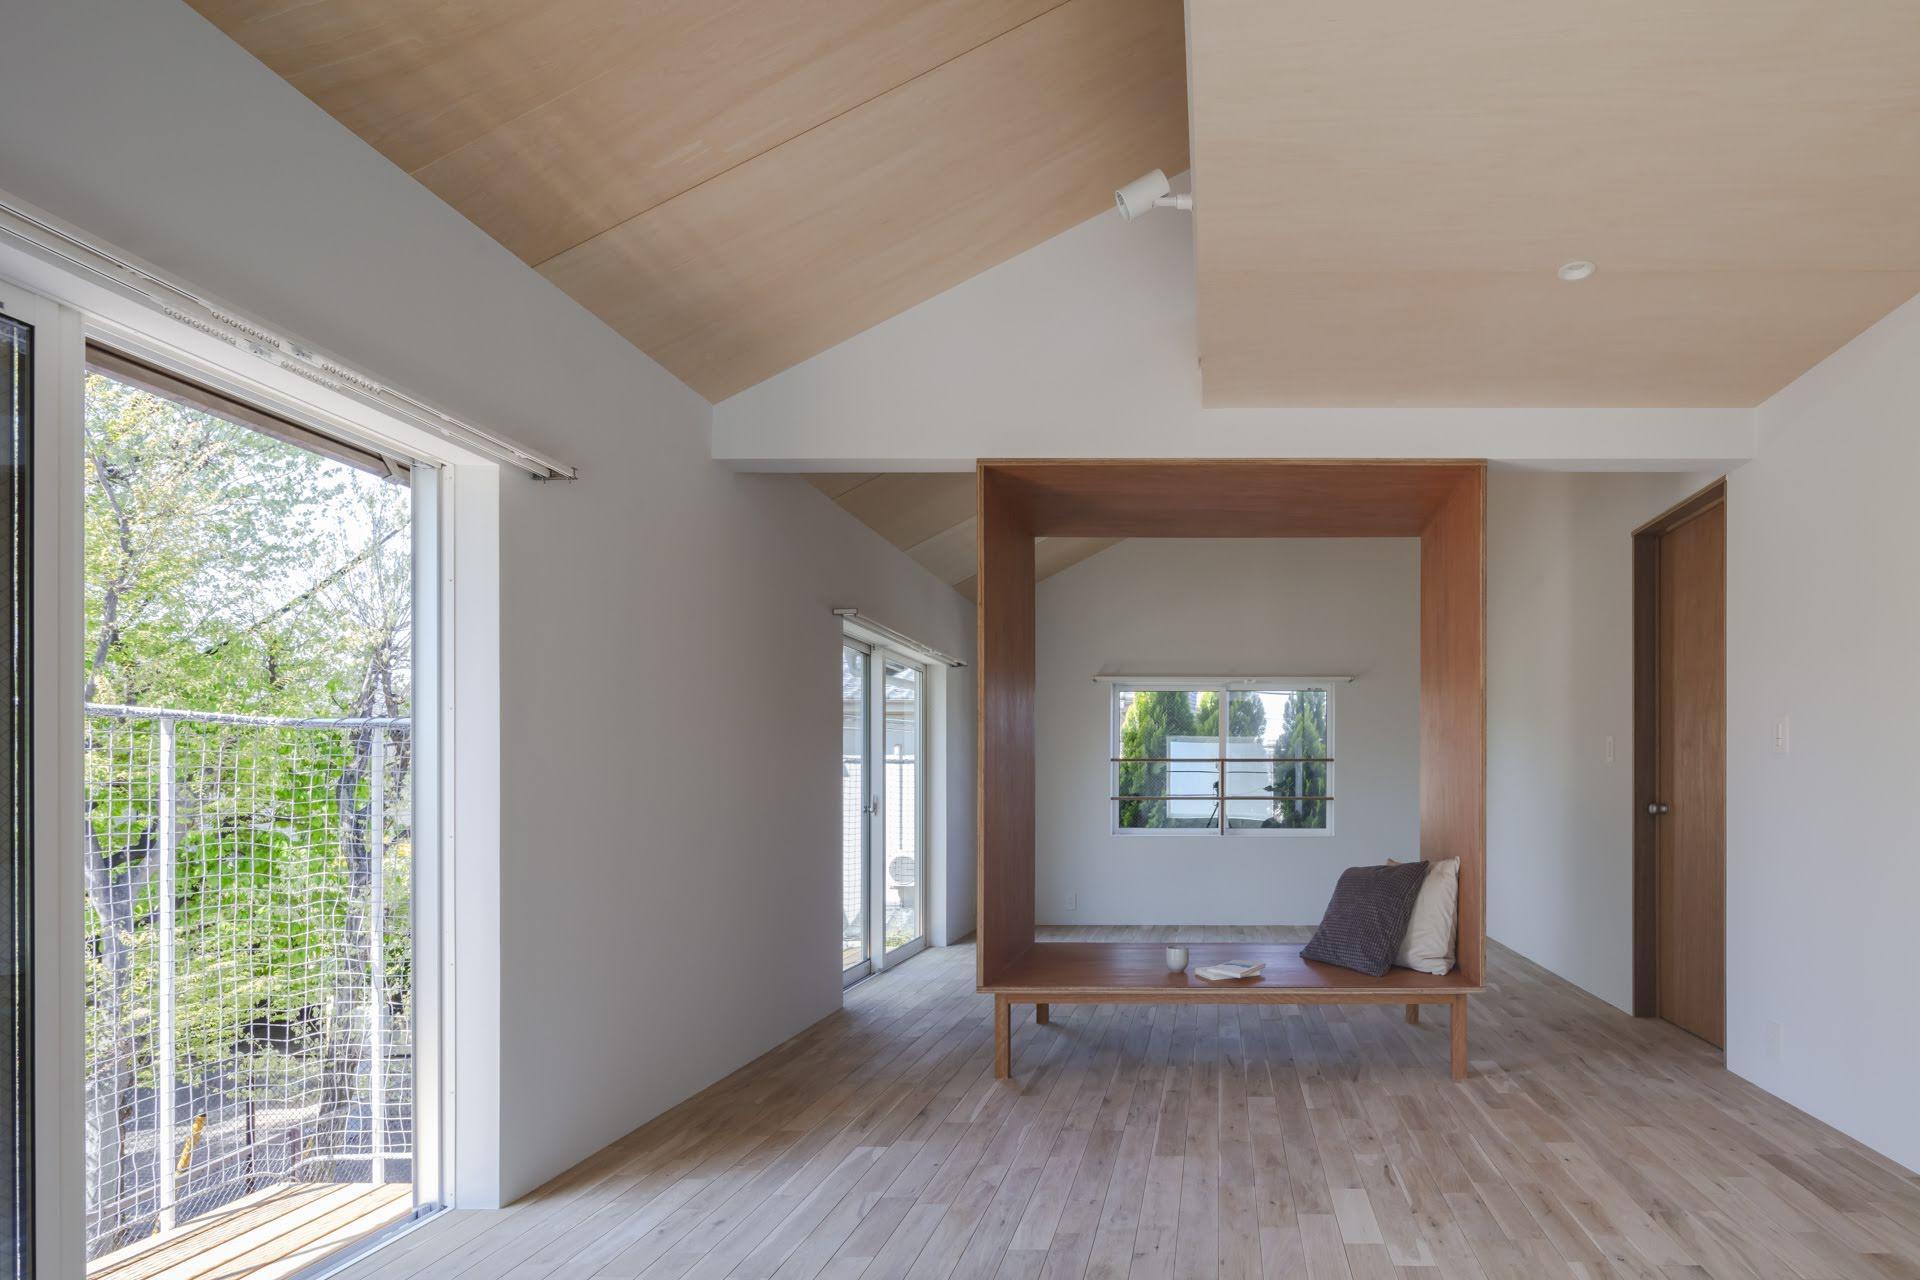 勾配天井で高さを出した2階部分(撮影:高橋菜生)